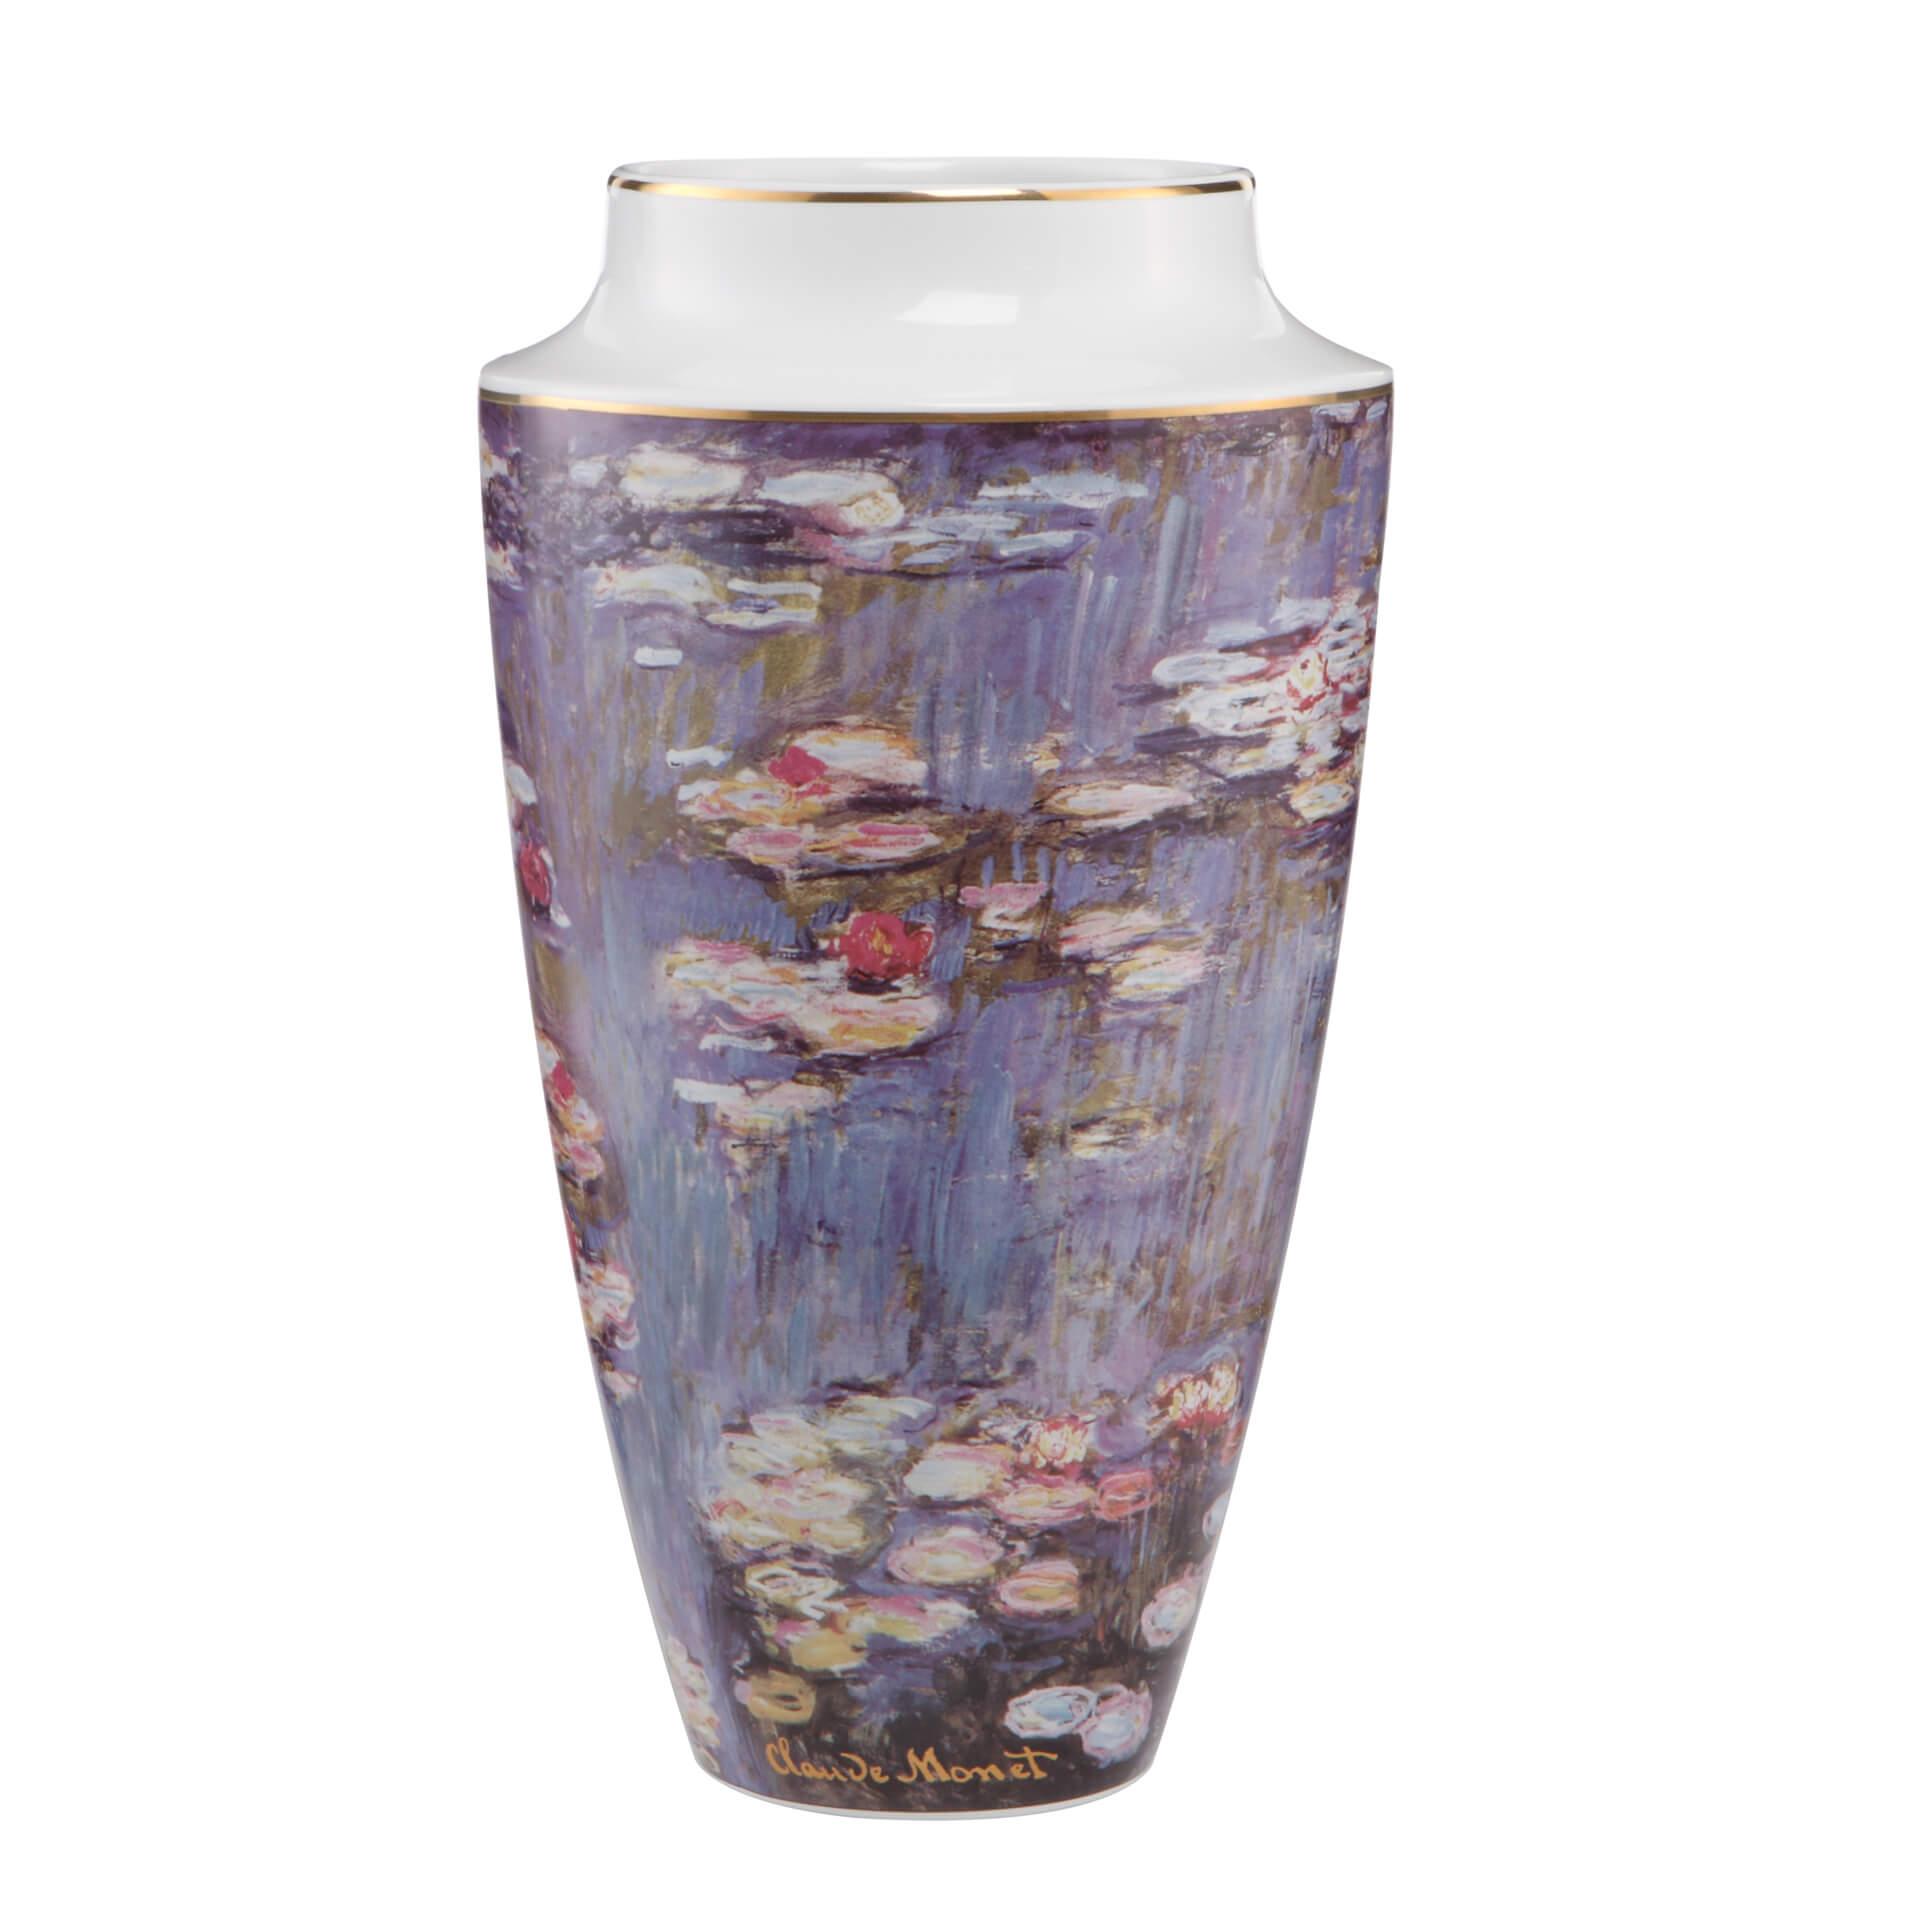 wasser blumen bunt porzellan vase designvase tischvase 01